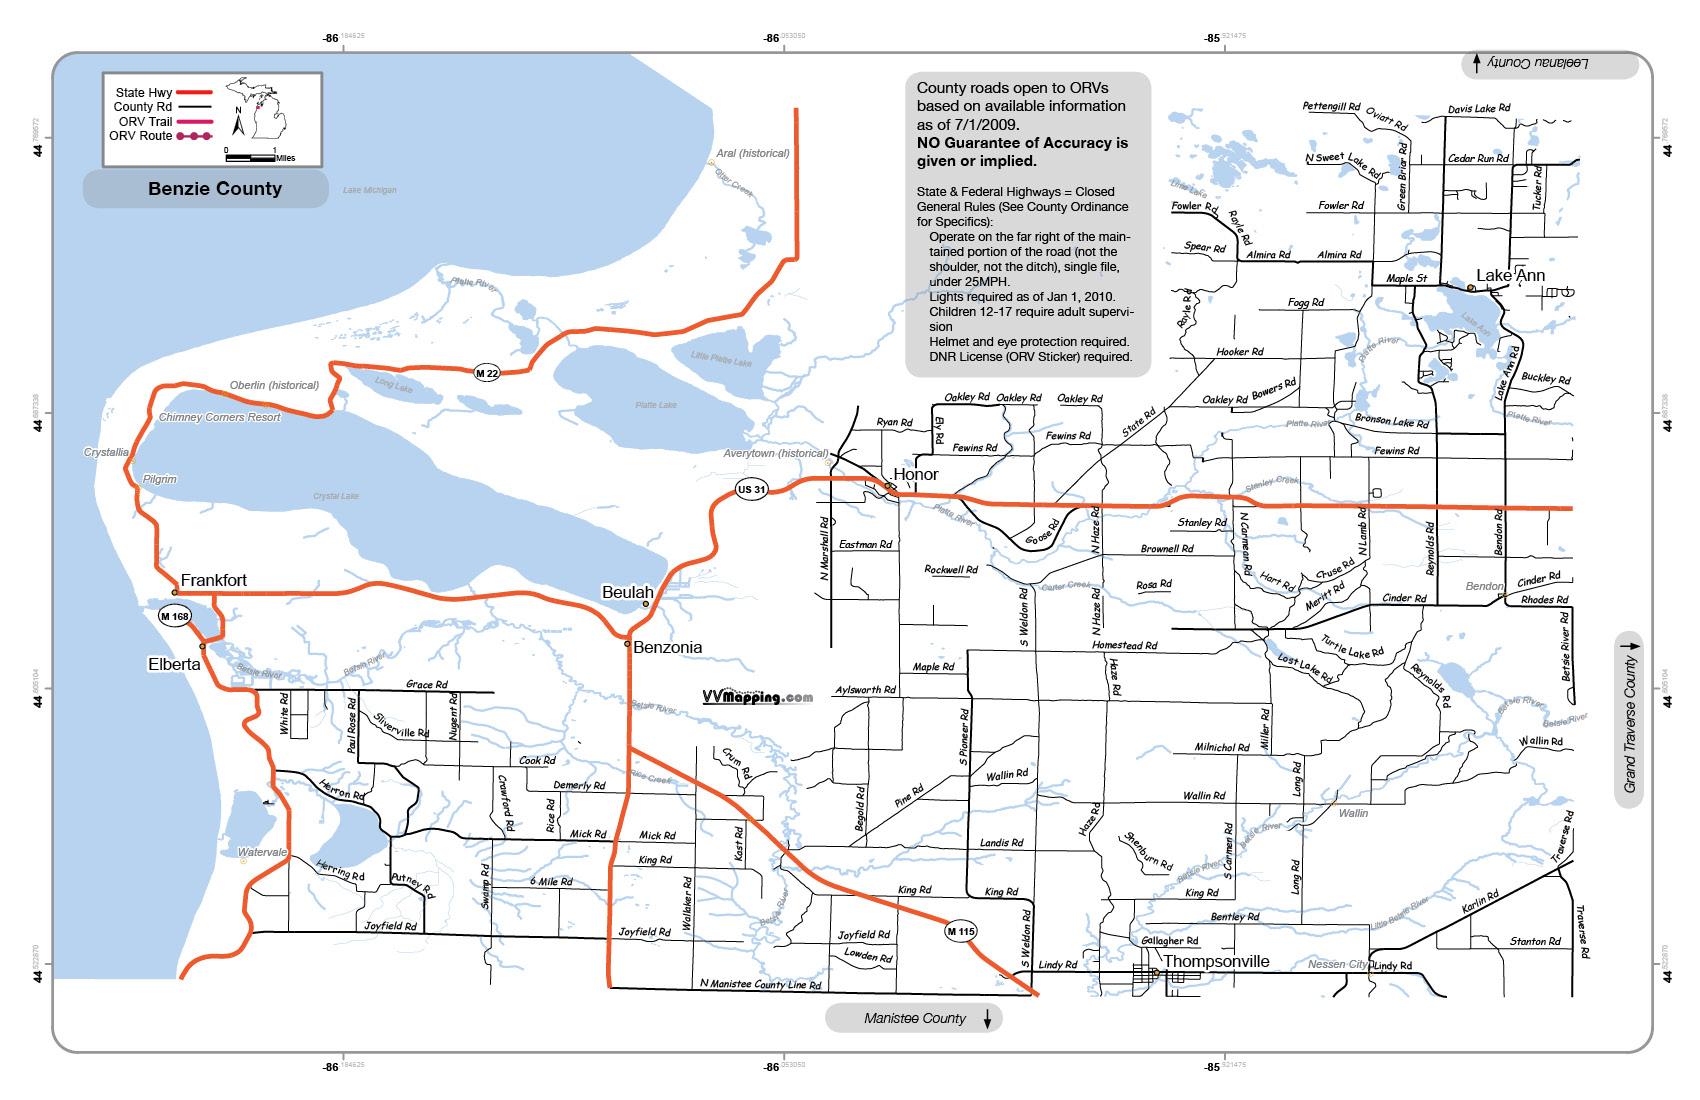 Michigan benzie county benzonia - Michigan Benzie County Benzonia 11